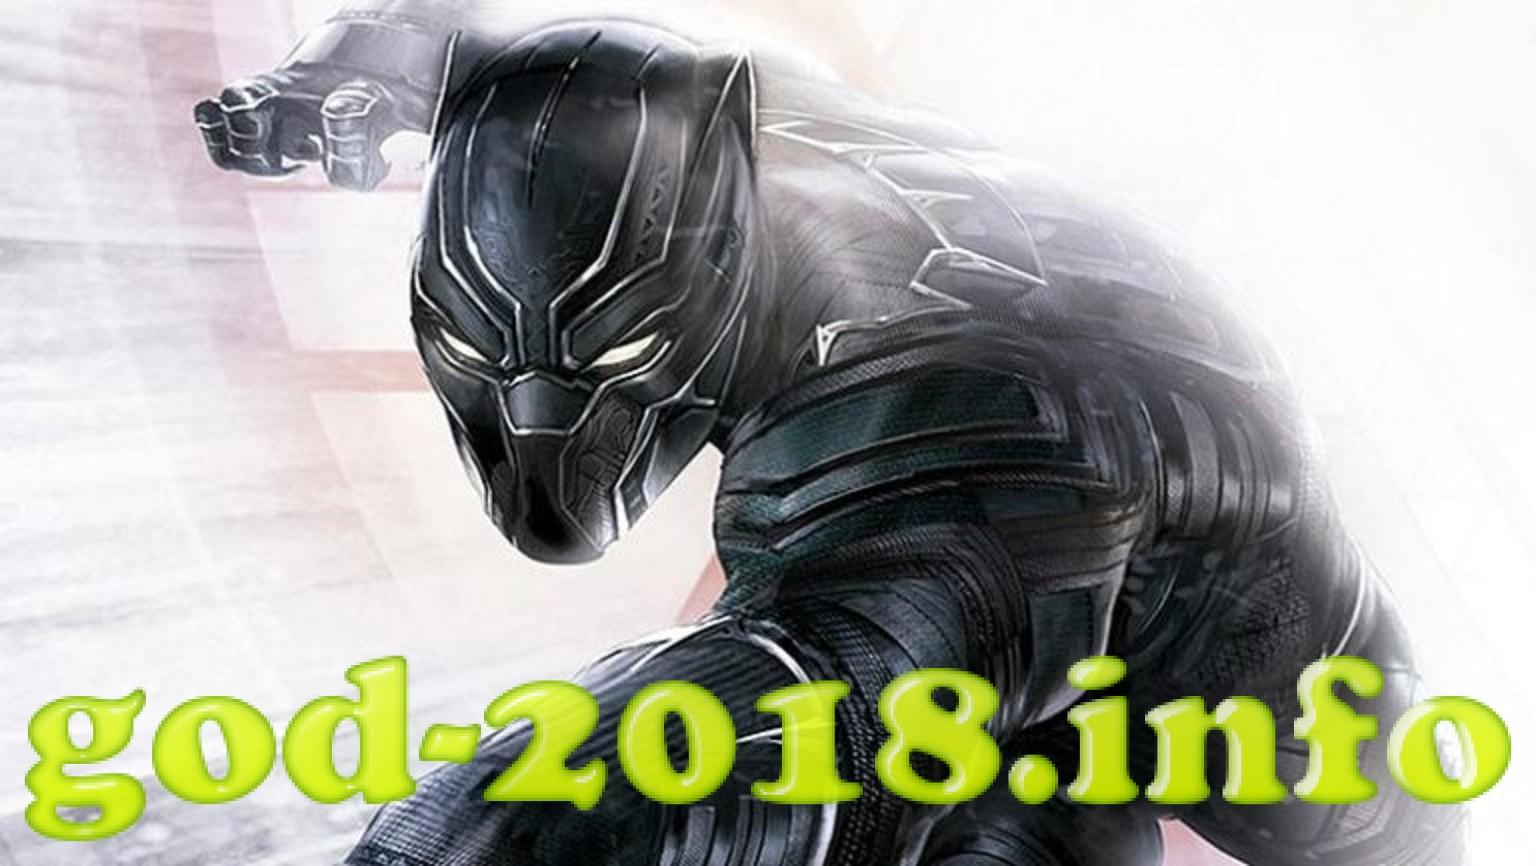 chernaja-pantera-ozhidaem-film-v-2018-godu-4